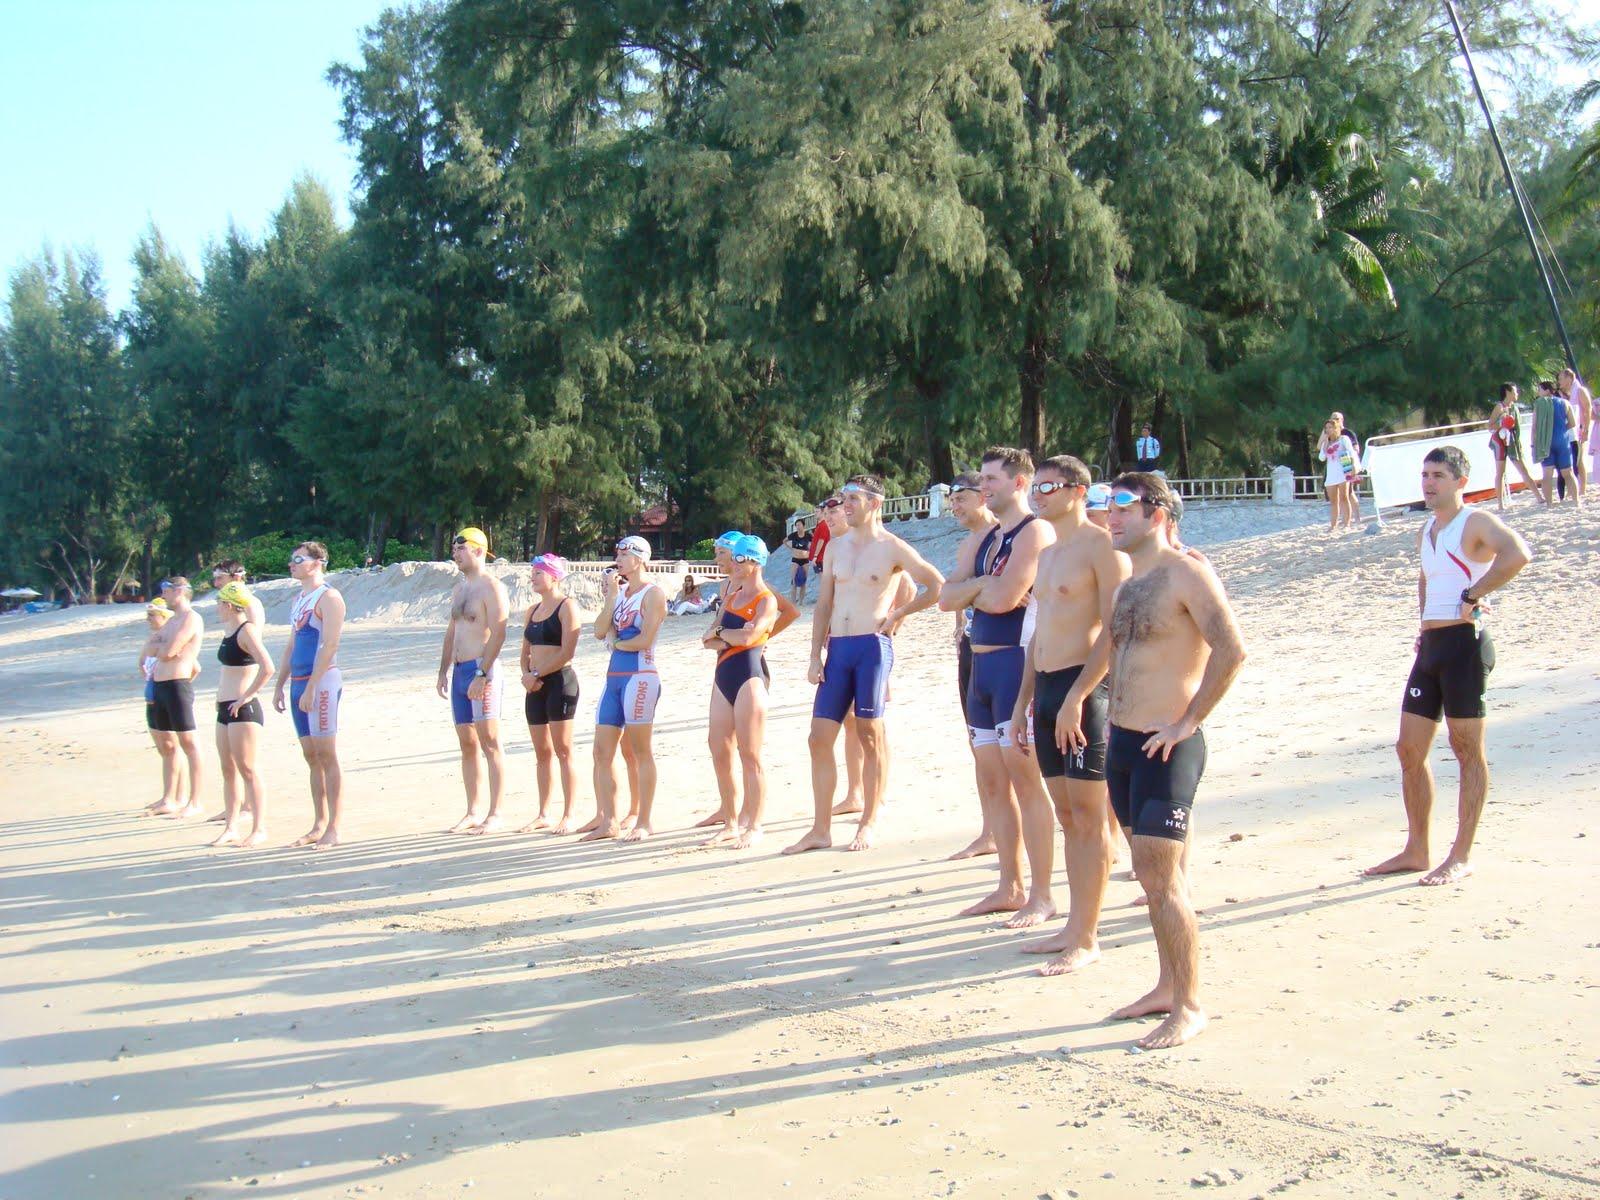 SL_2010_PhuketCamp_1.JPG